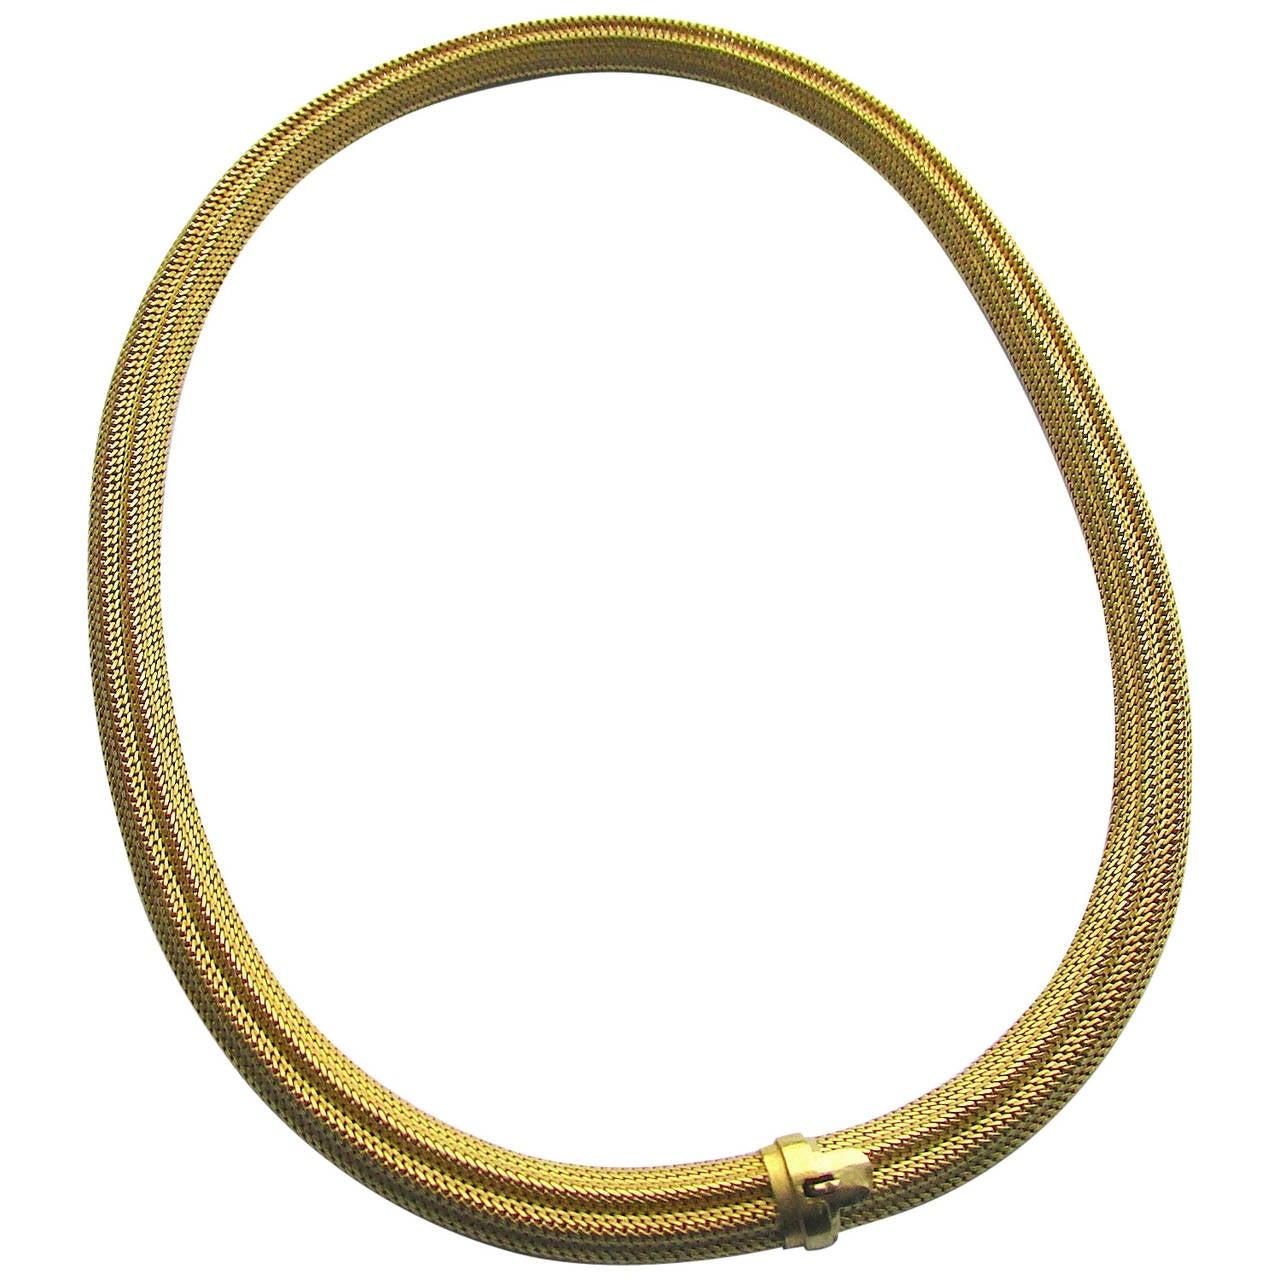 Antique 18 Karat Gold Mesh Collar Necklace, circa 1870